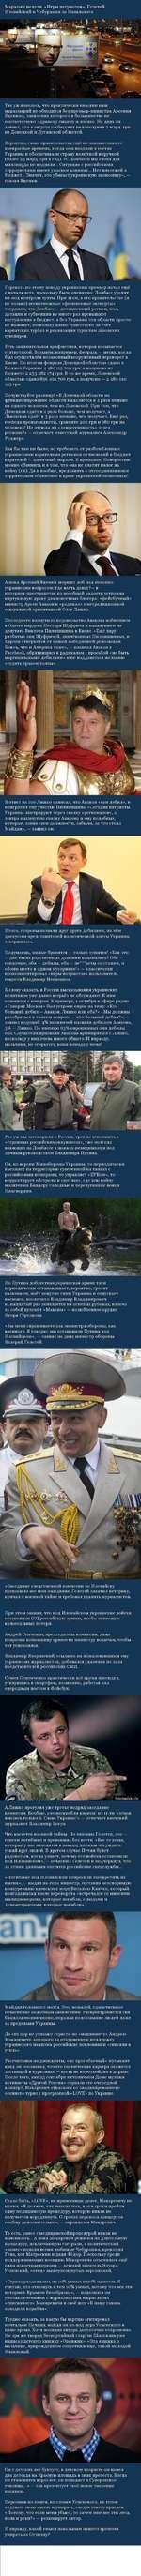 Народний фронт !*• Так уж повелось, что практически ни один наш маразмарий не обходится без премьер-министра Арсения Яценюка, заявления которого в большинстве не соответствуют здравому смыслу и логике. На днях он заявил, что в августе госбюджет недополучил 2 млрд. грн из Донецкой и Луганской обла